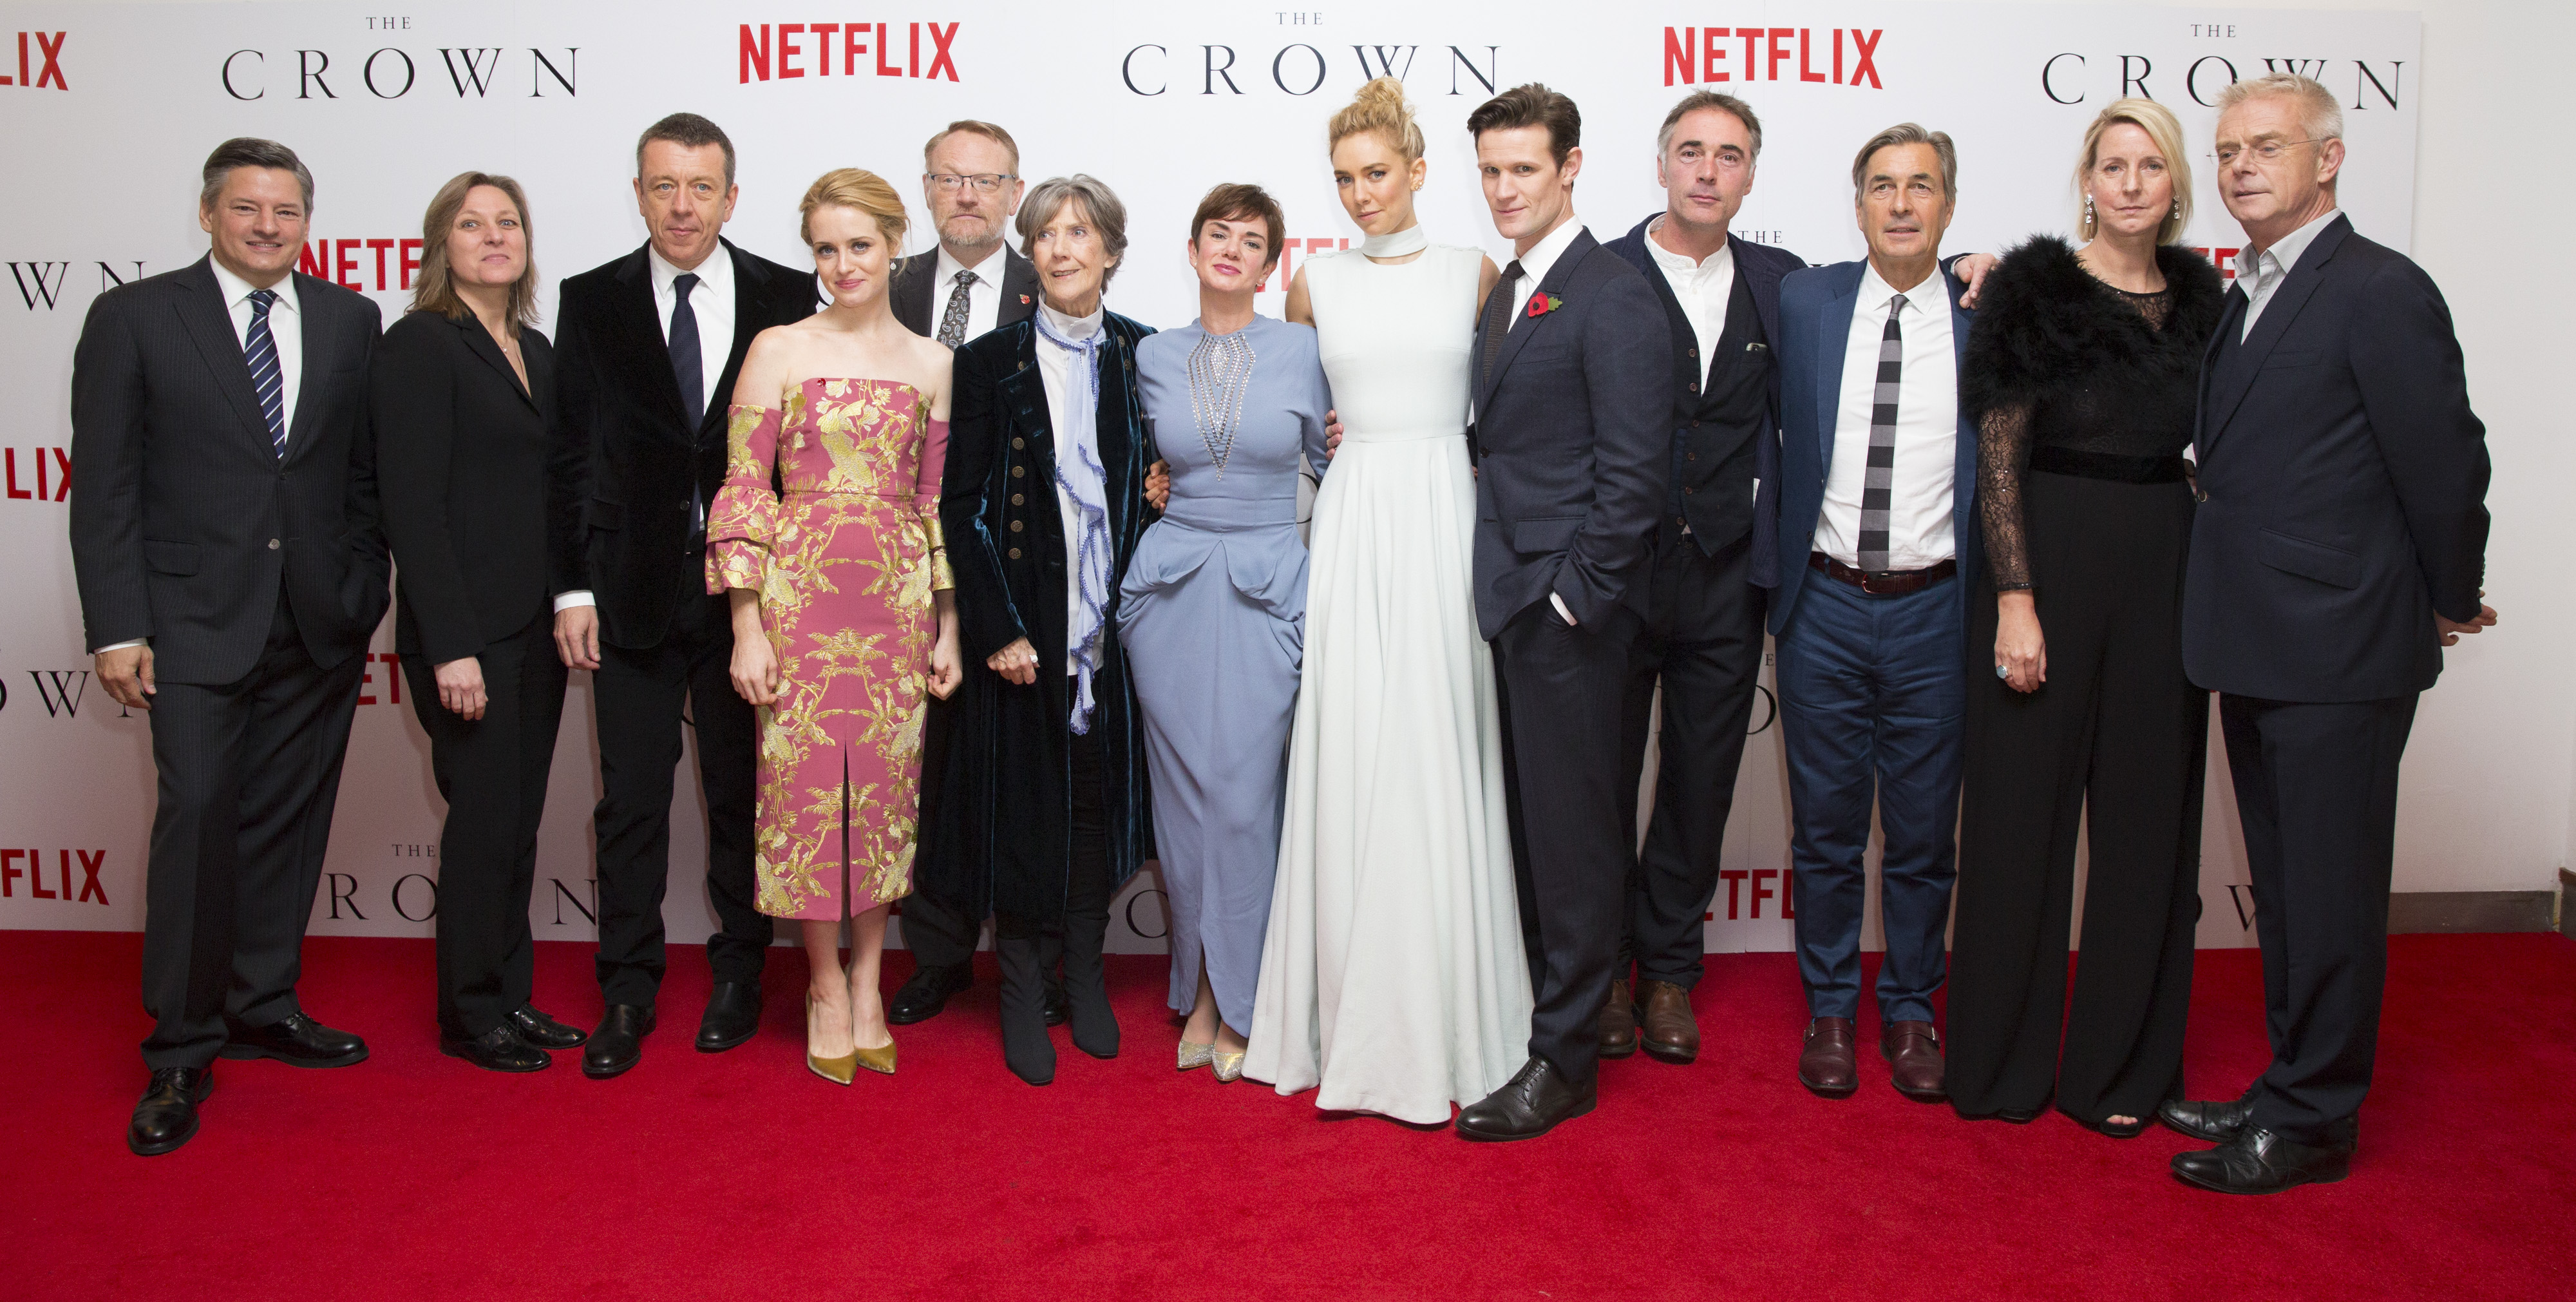 The Crown: il cast e la troupe sul red carpet della première